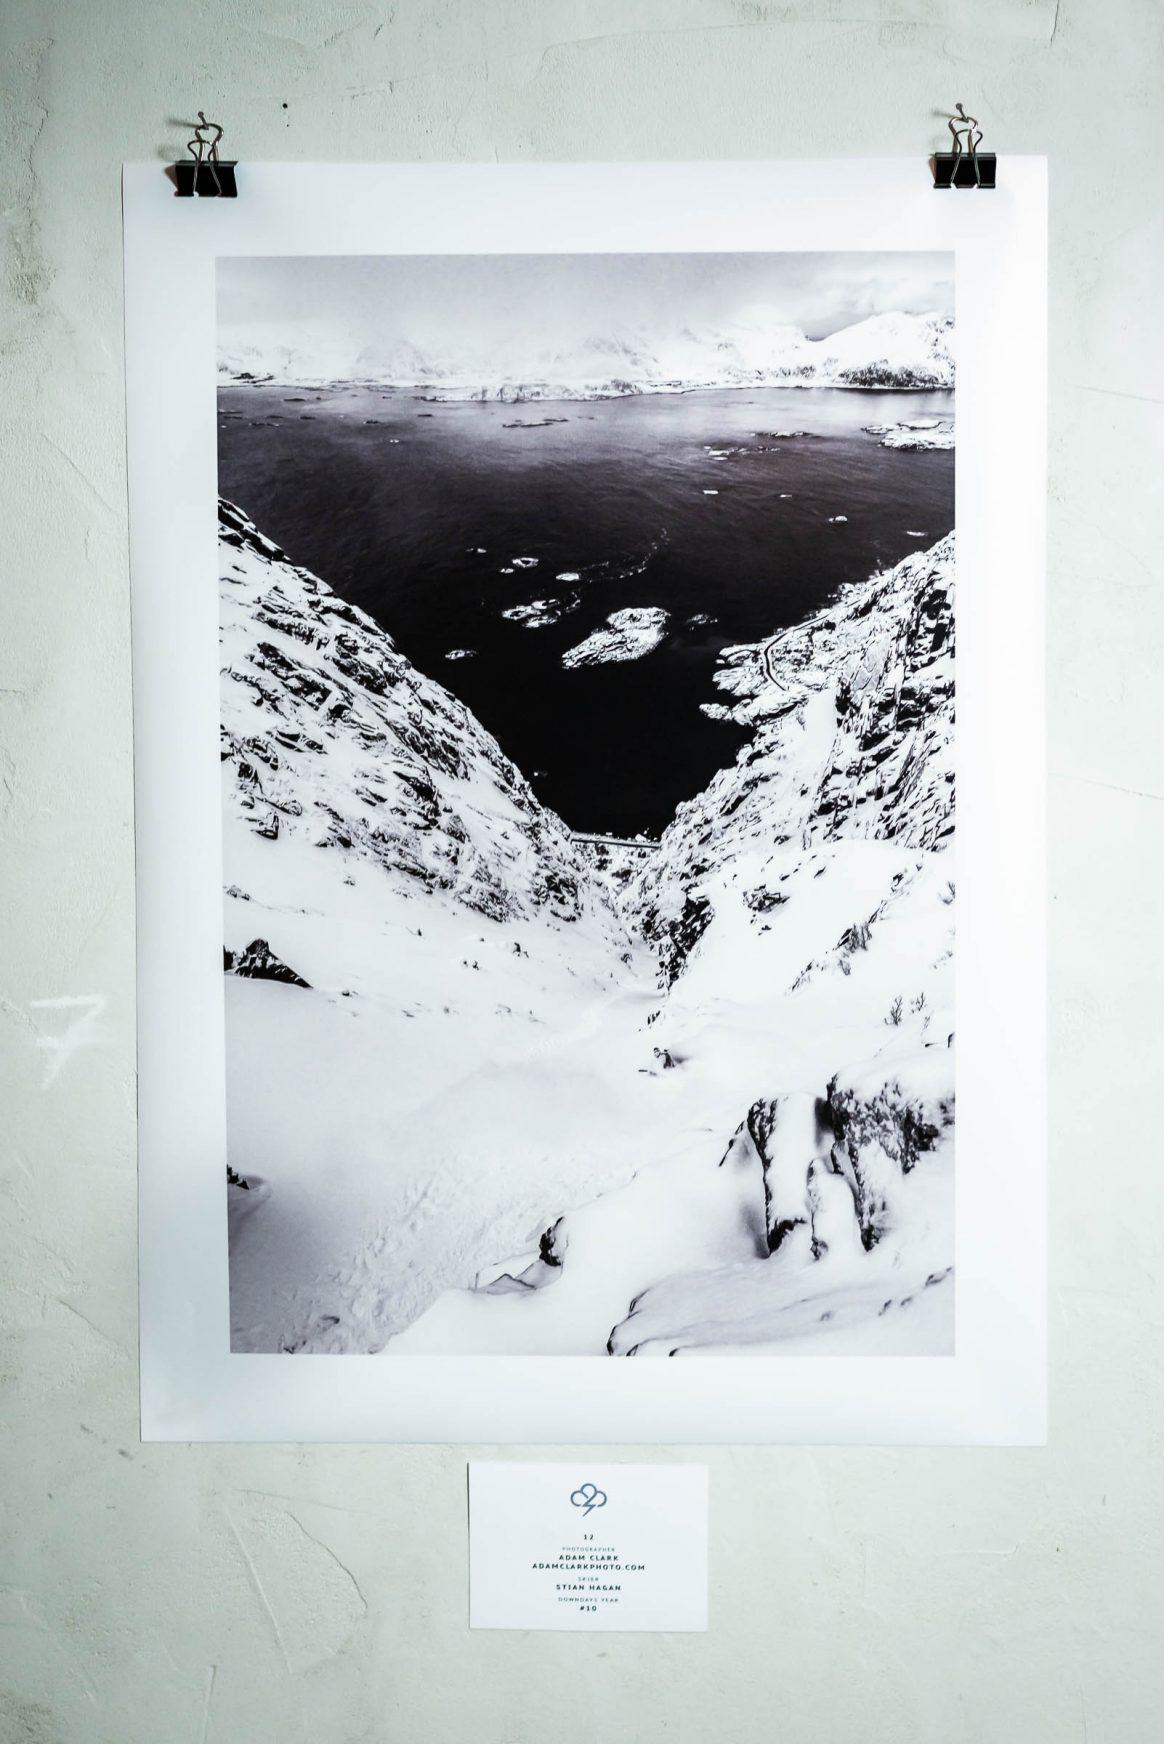 Downdays Photo Exhibition Stian Hagen by Adam Clark